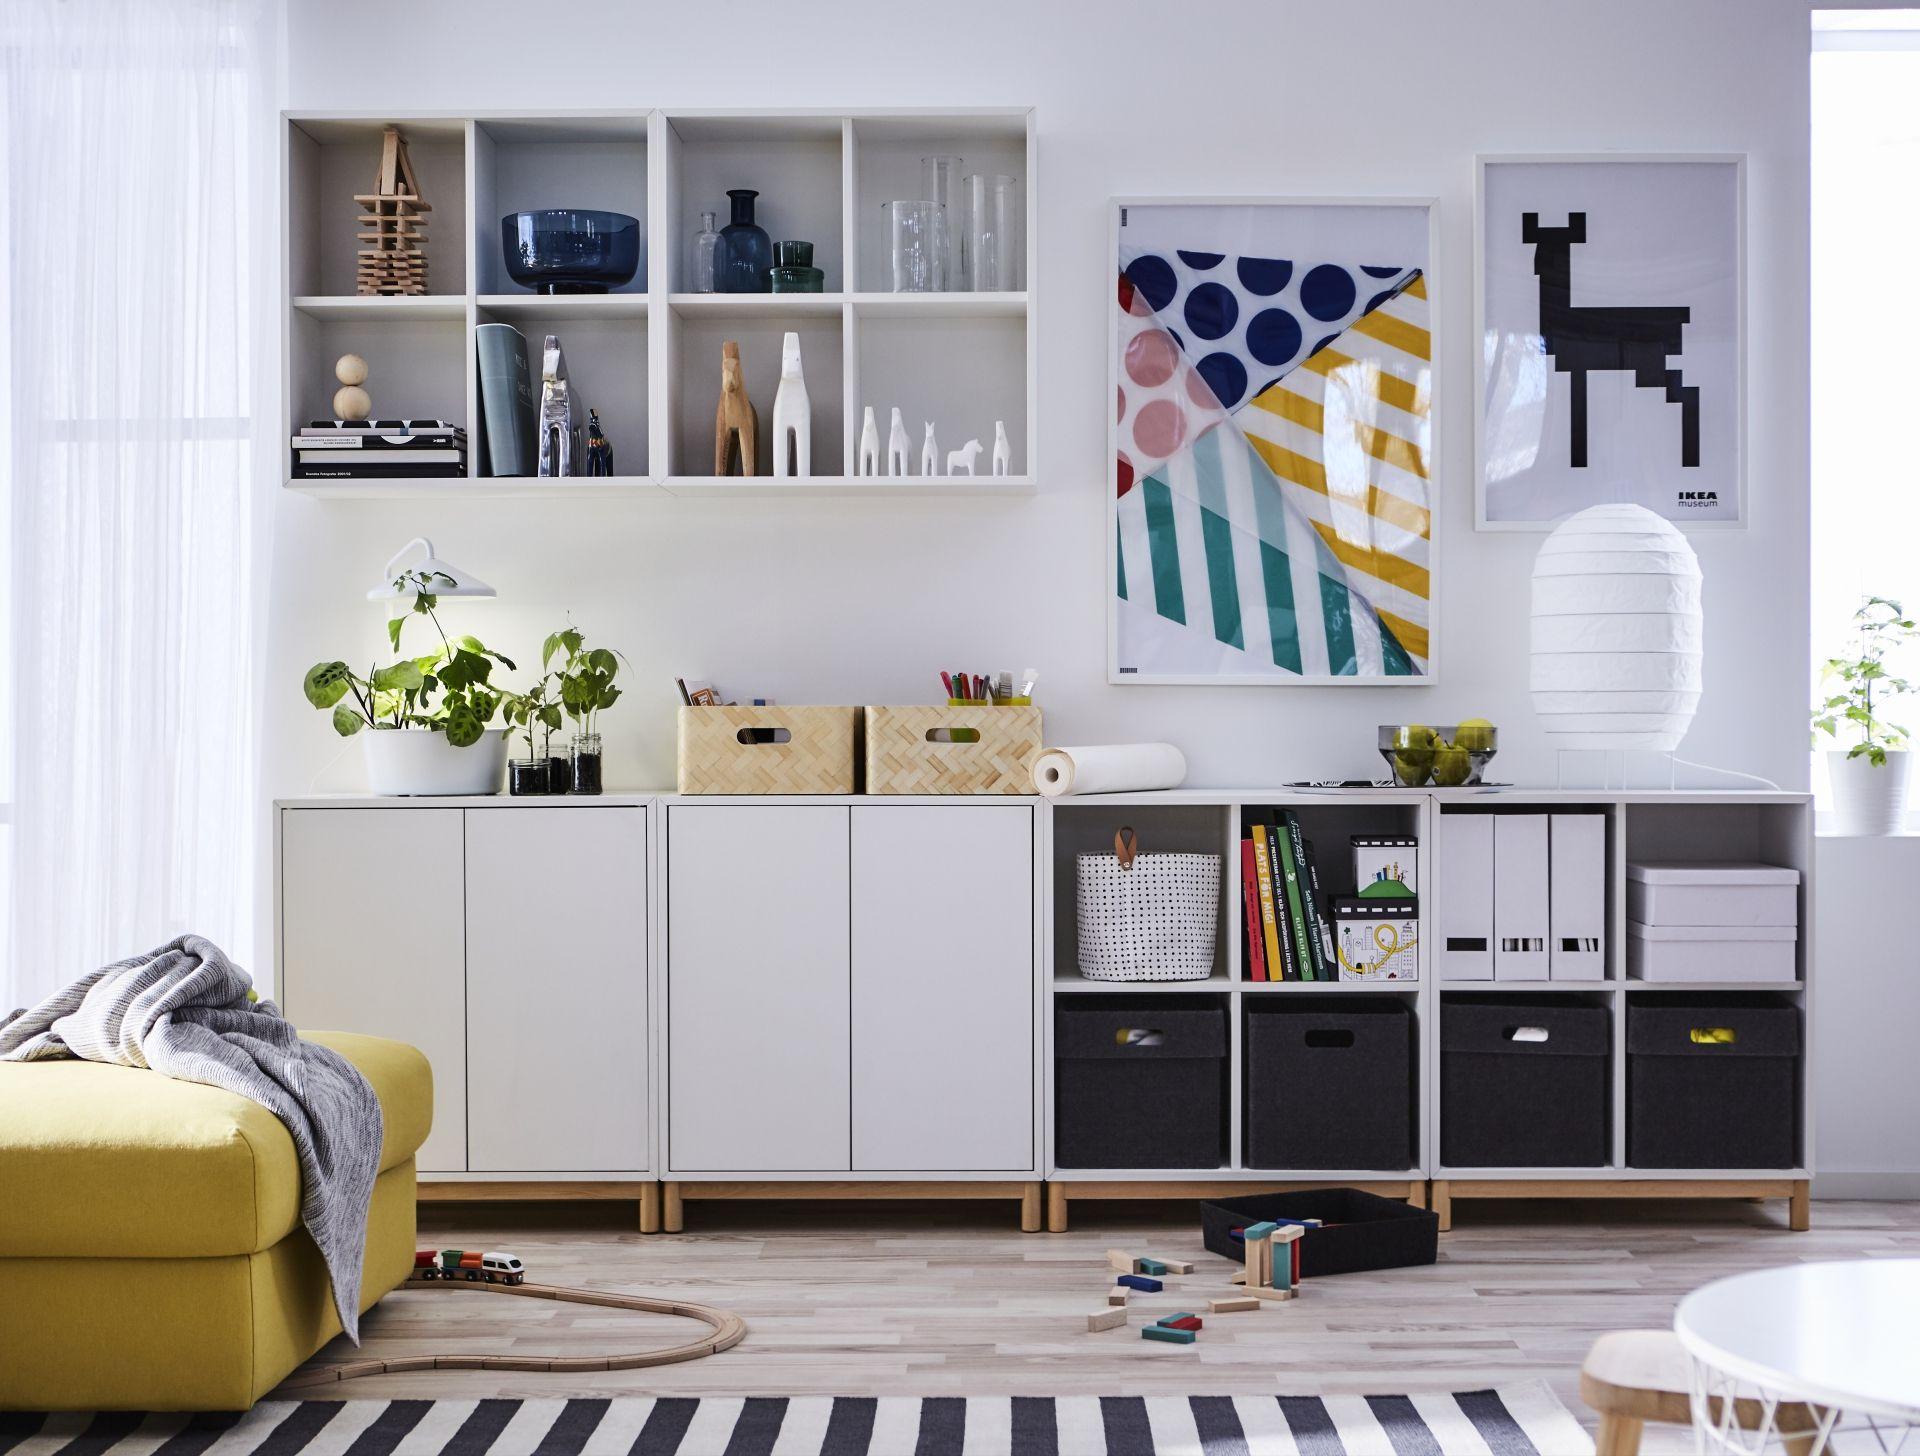 EKET kast | IKEA IKEAnl IKEAnederland nieuw inspiratie ...